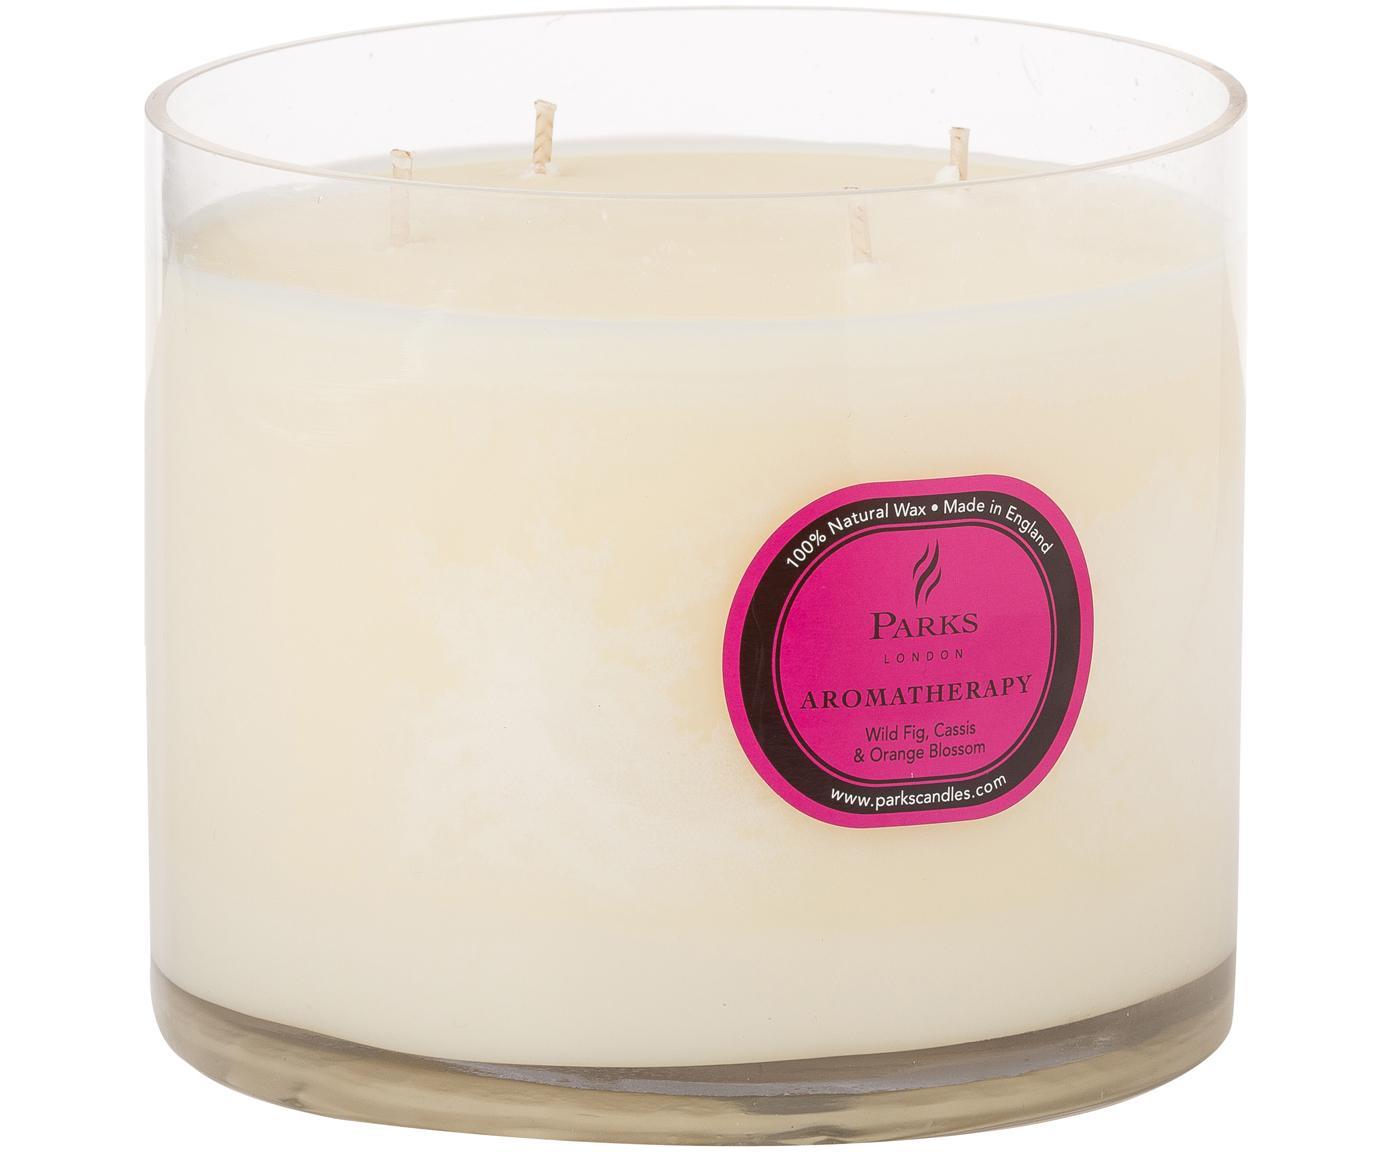 Vierdochtduftkerze Aromatherapy (Feige, Cassis & Orange), Behälter: Glas, Transparent, Creme, Ø 14 x H 15 cm